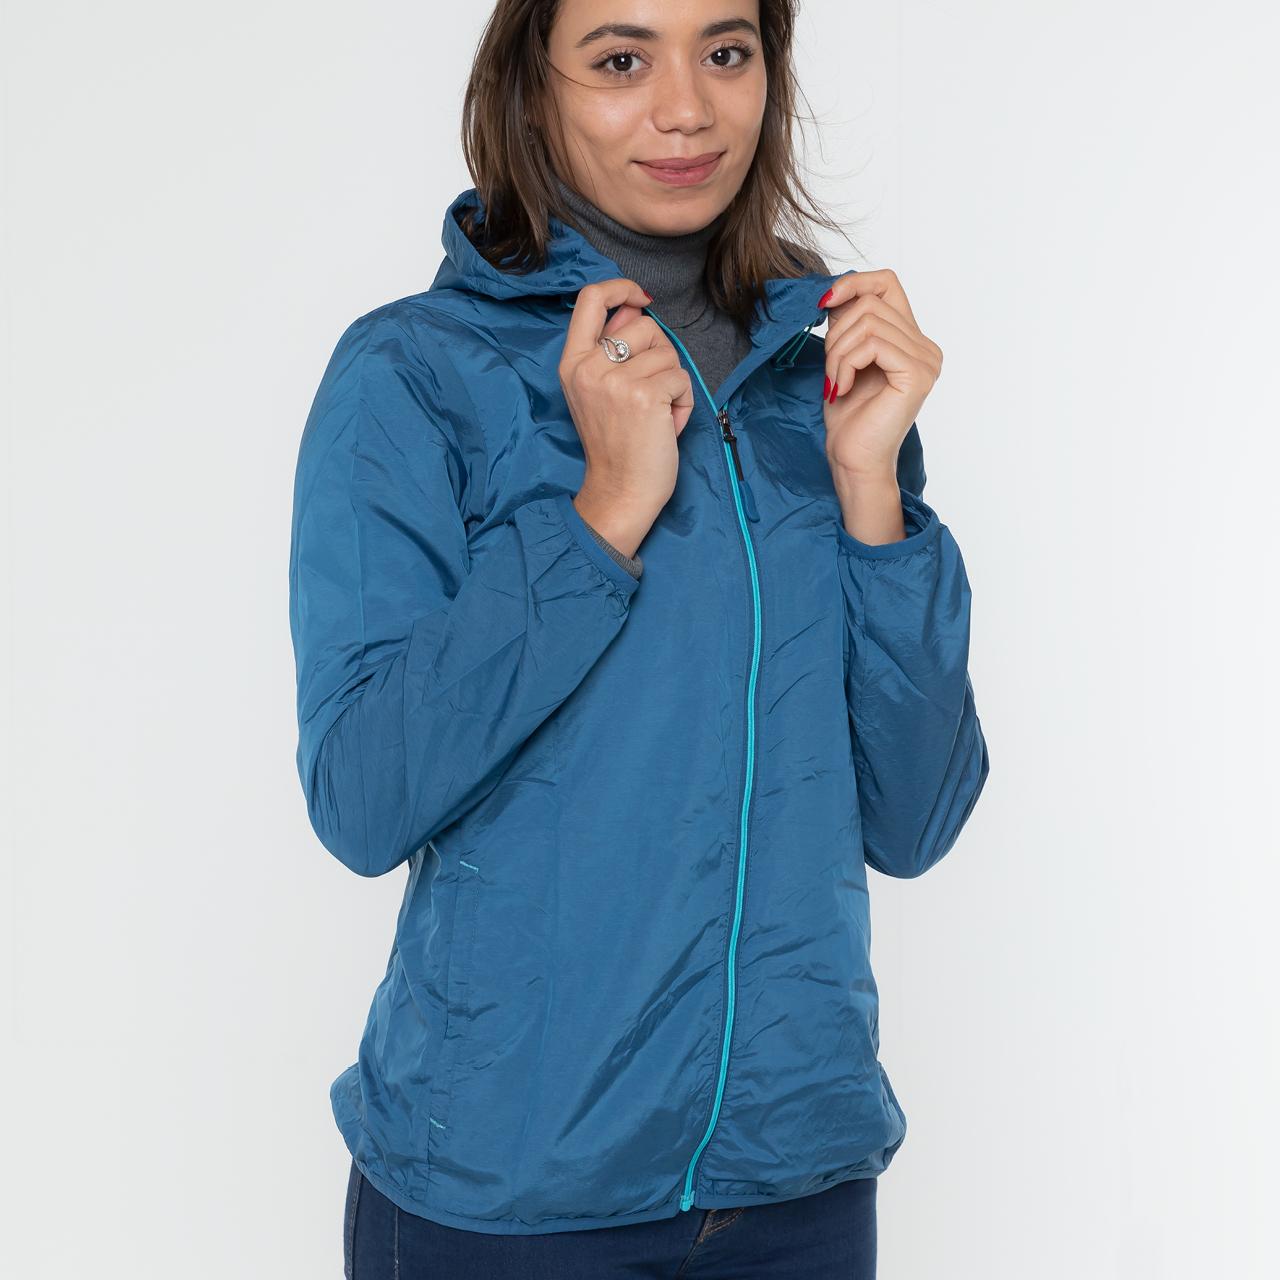 All Season Damen Jacke in blau S/M